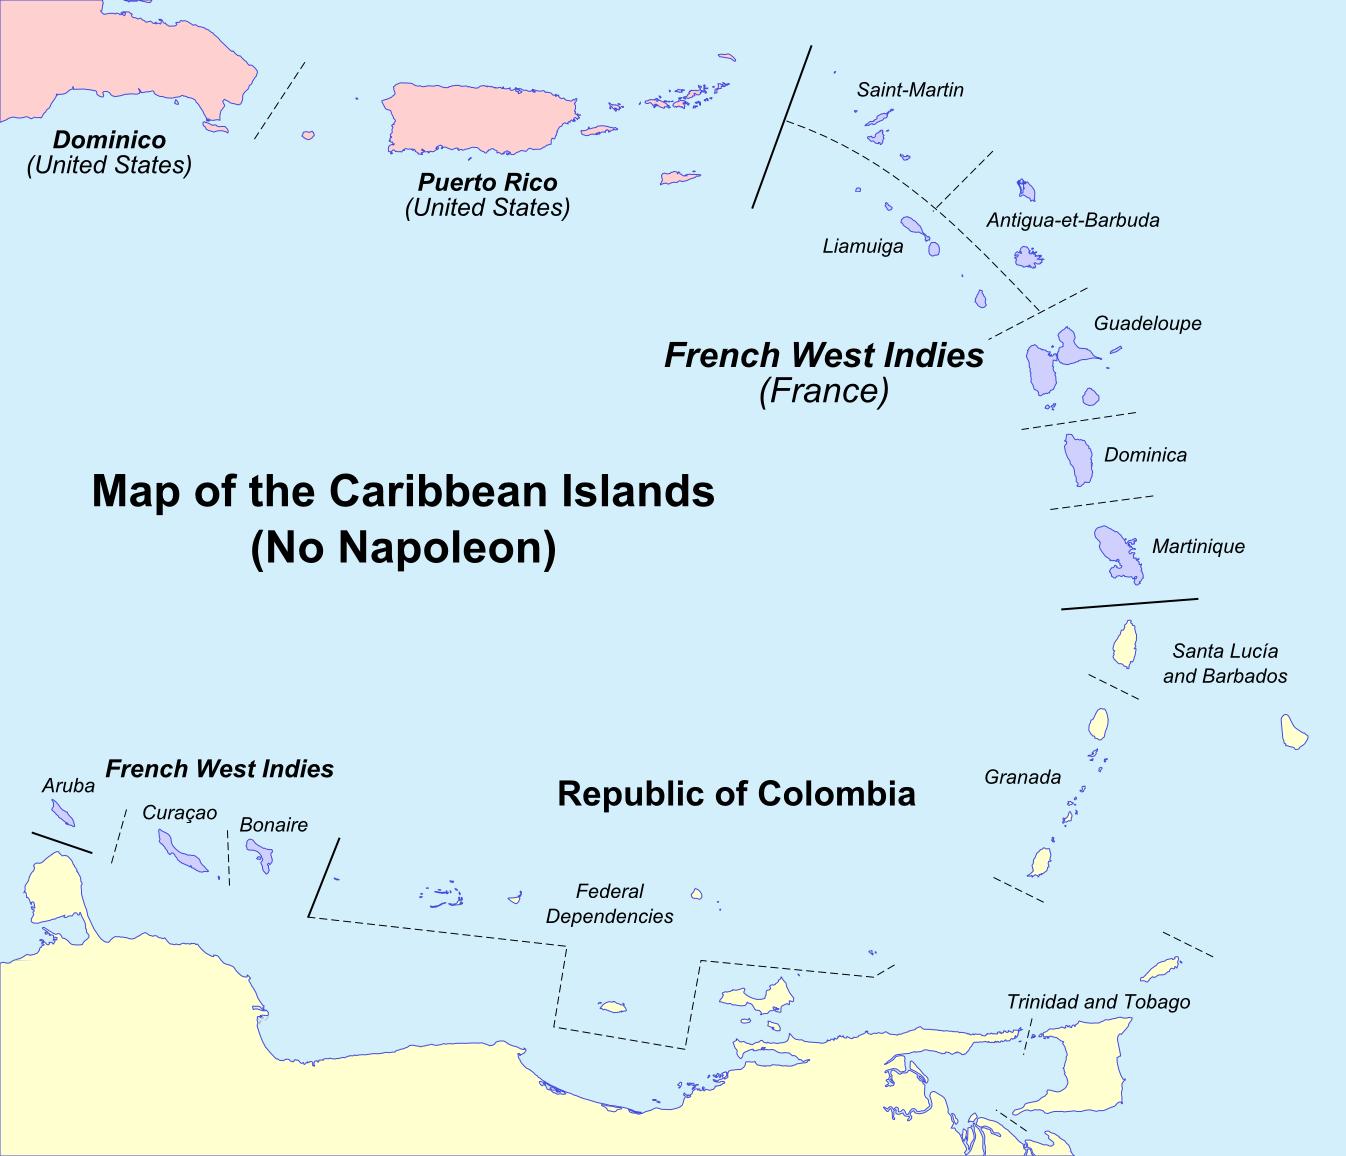 Caribbean: Alternative History